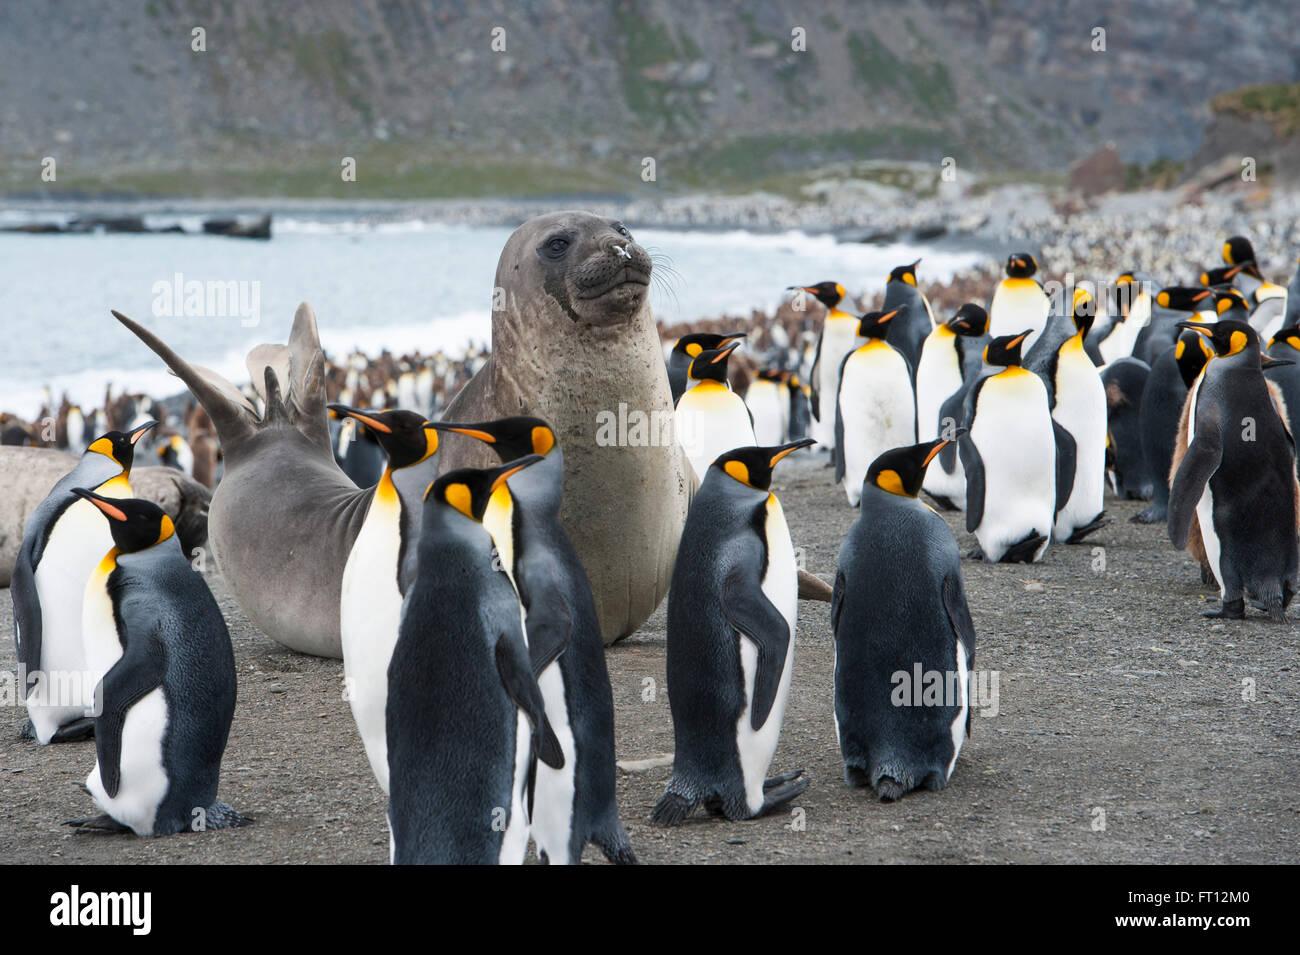 Un lion de mer au milieu d'un grand groupe de manchots empereurs Aptenodytes forsteri sur beach, Gold Harbour, South Georgia Island, Antarctica Banque D'Images